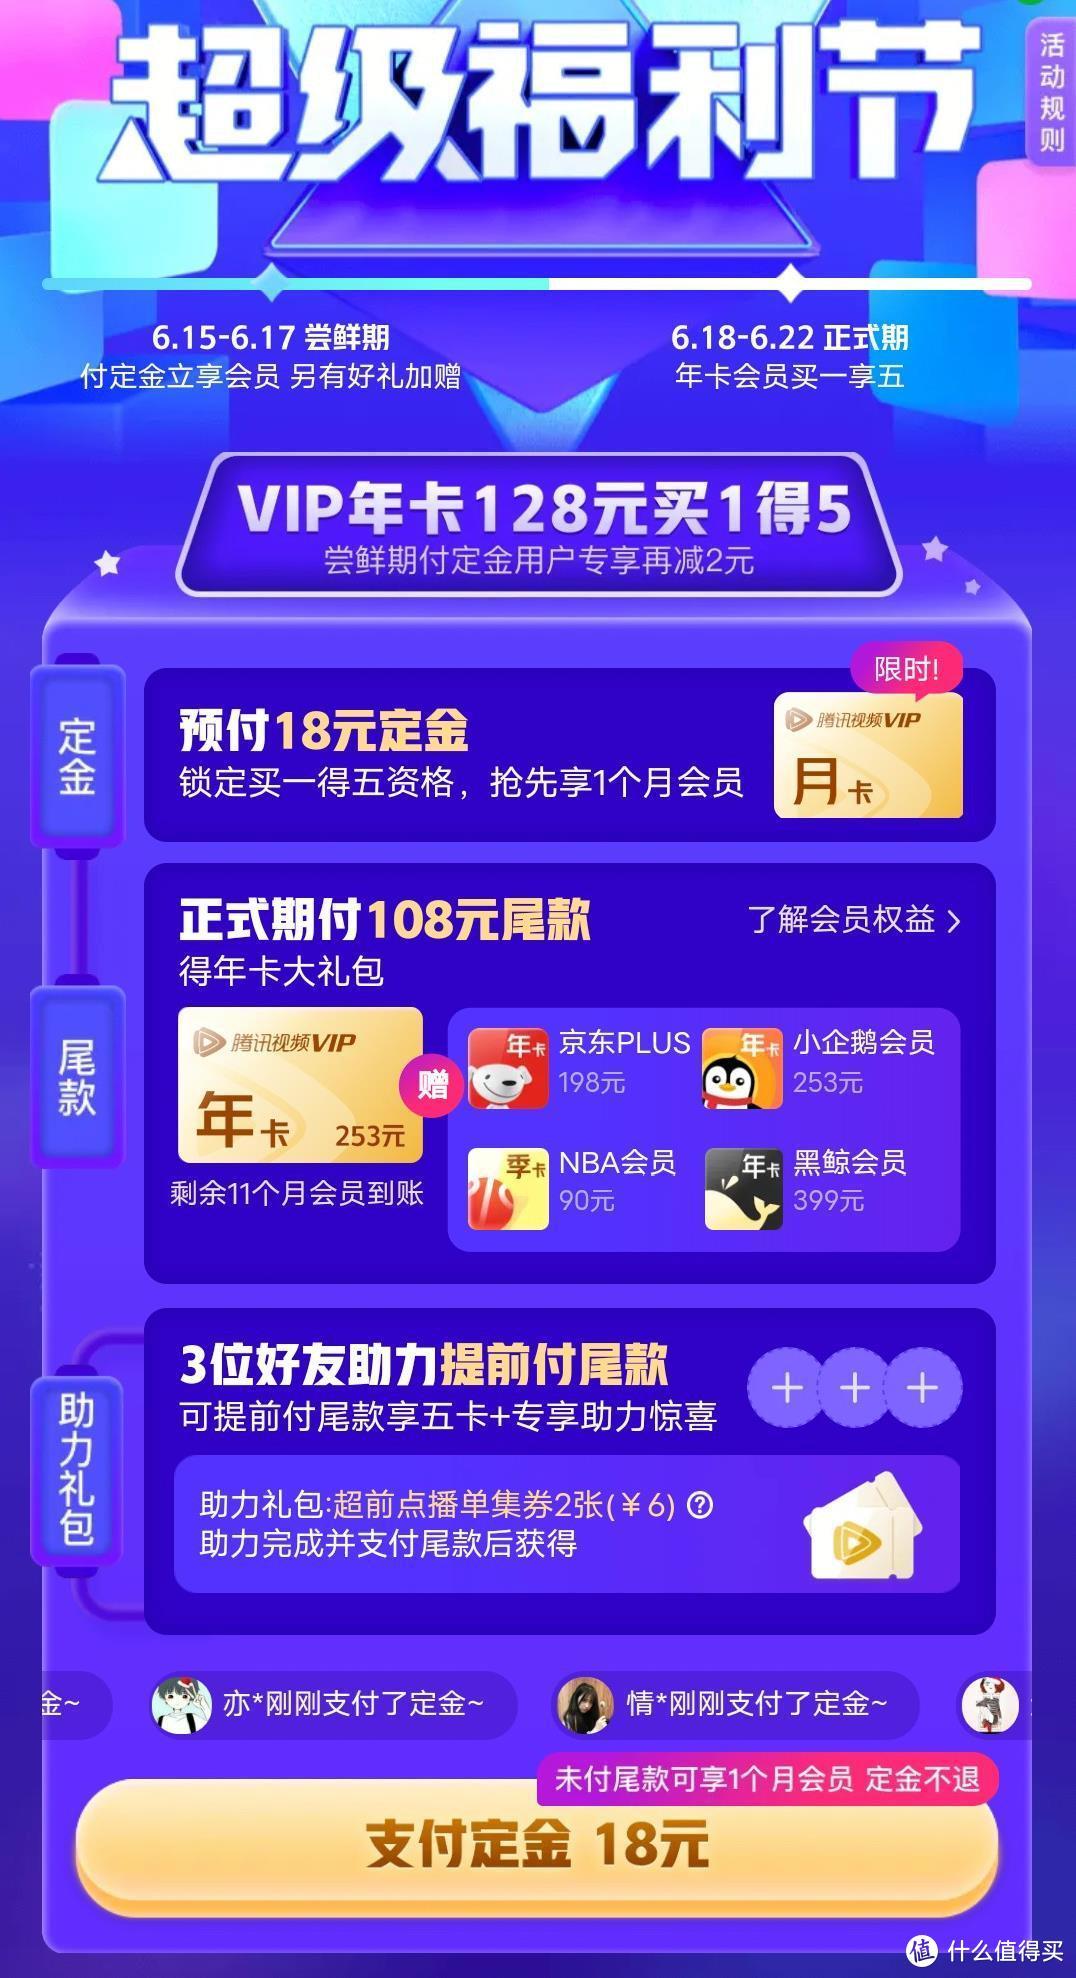 京东、黑鲸一网打尽!腾讯视频VIP126元买1得5